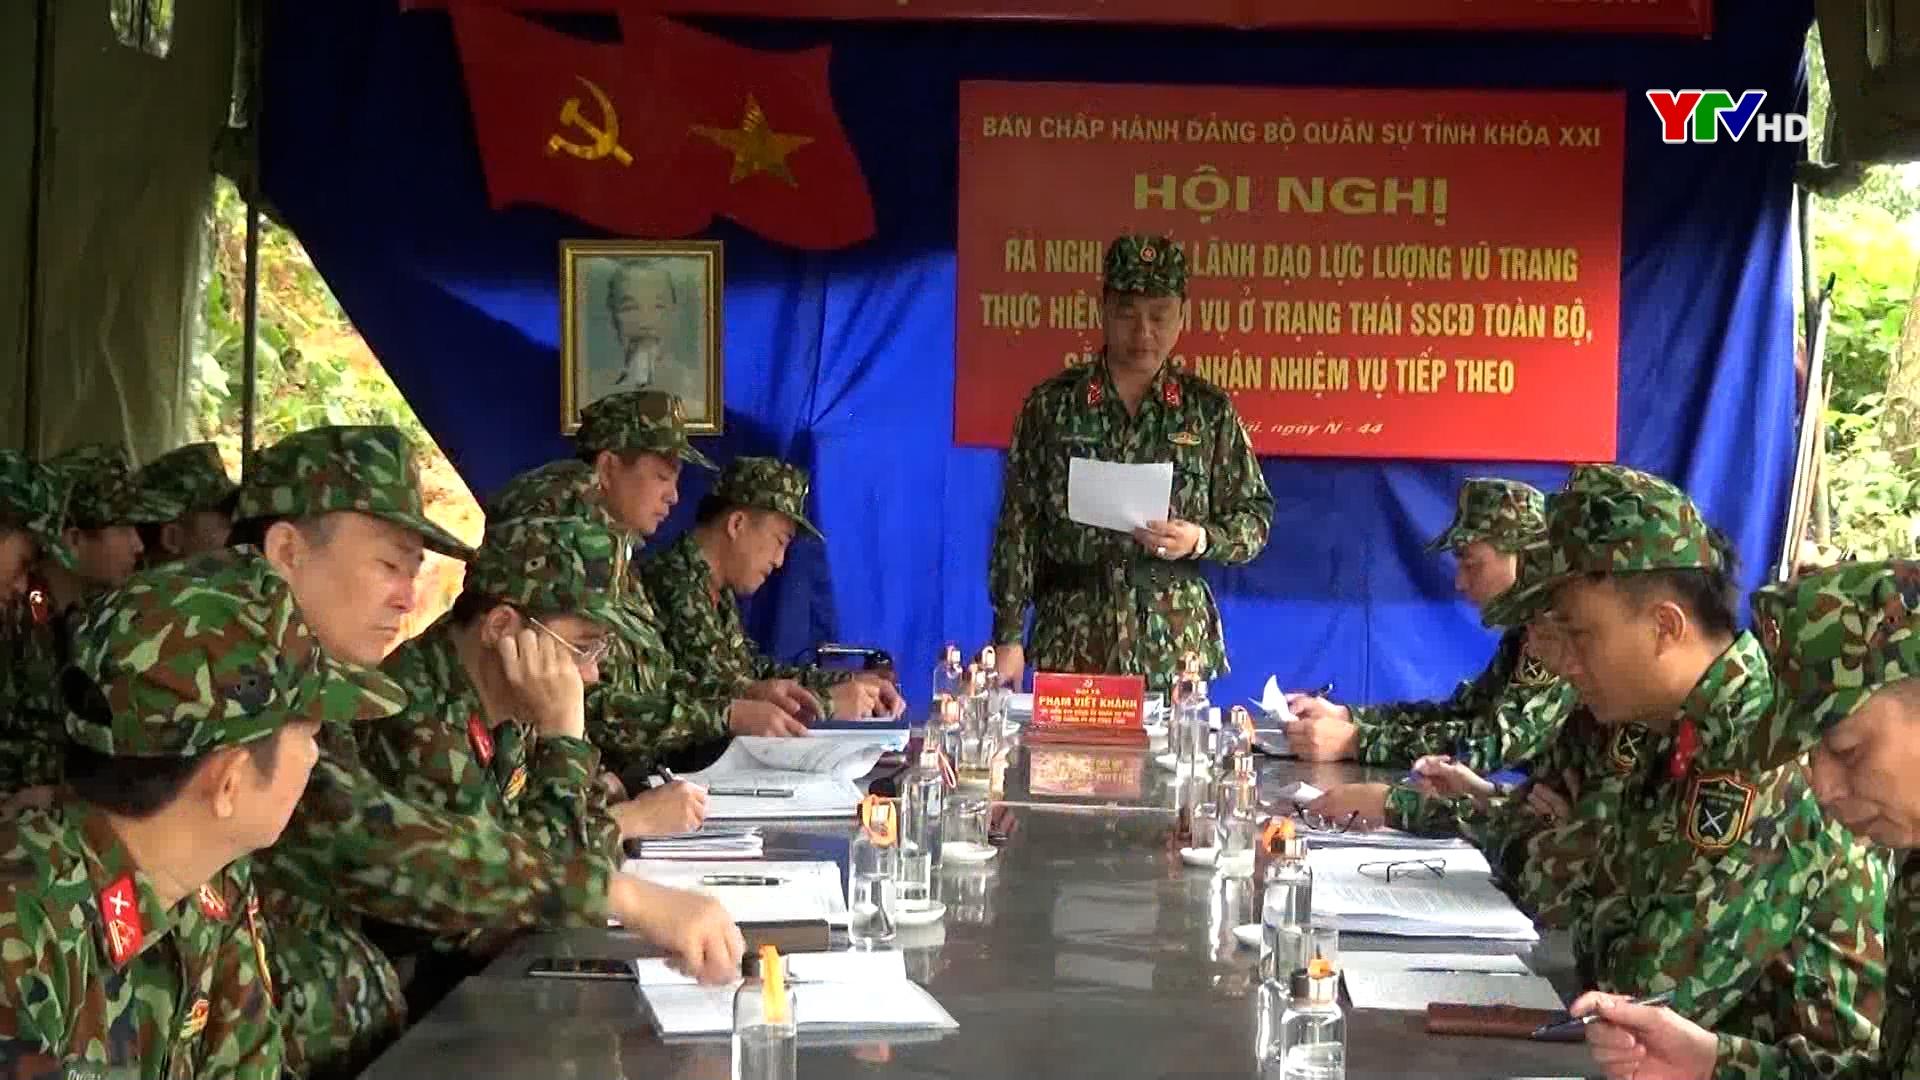 Bộ CHQS tỉnh huấn luyện, luyện tập chuyển trạng thái sẵn sàng chiến đấu năm 2021